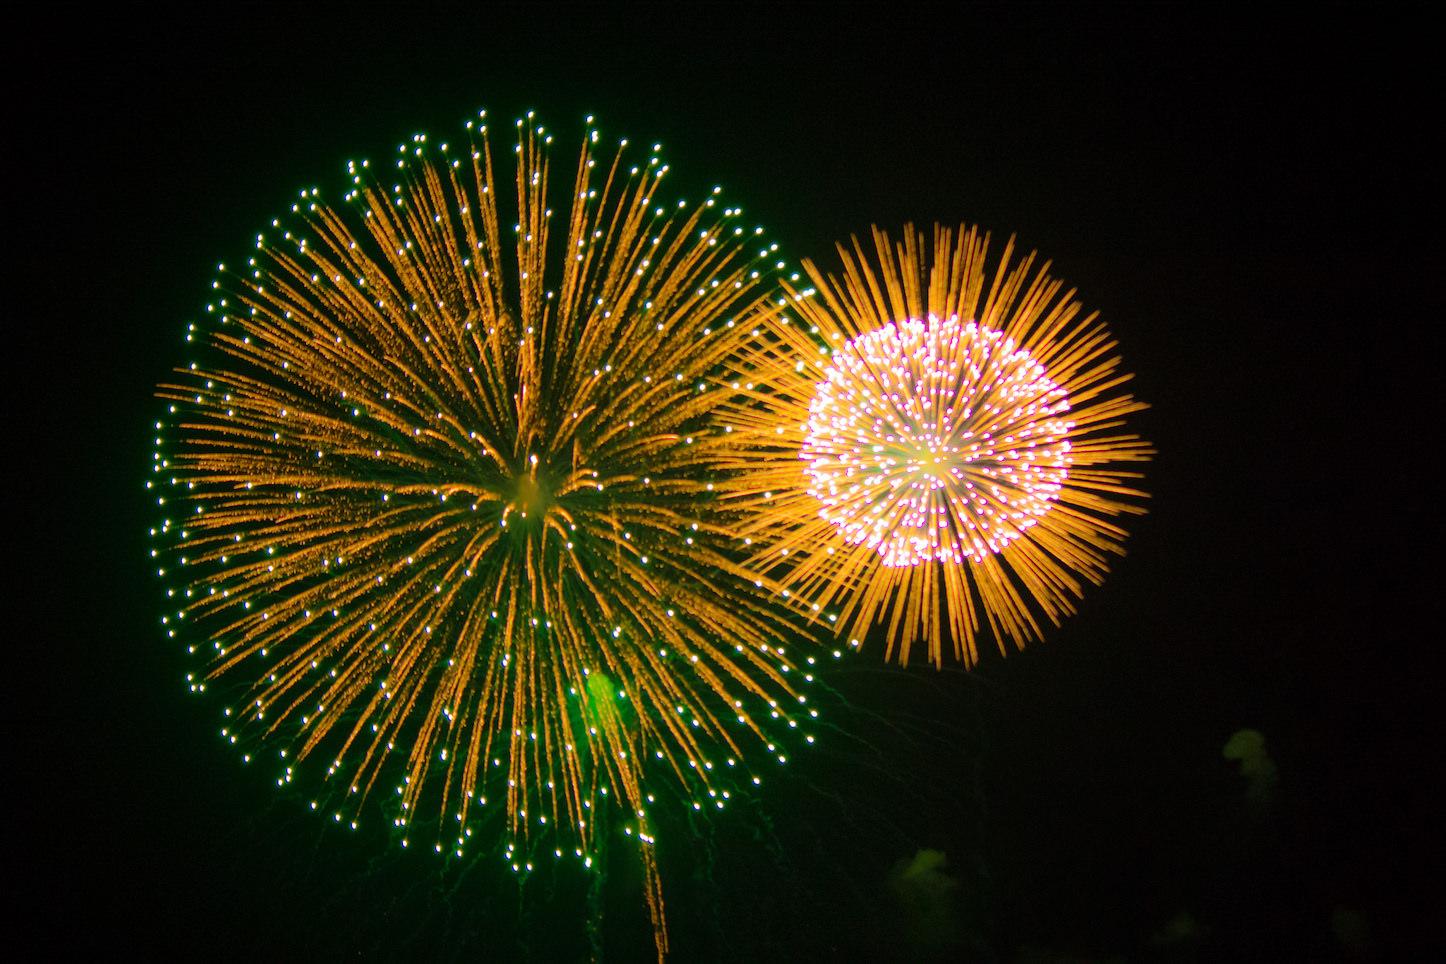 Fireworks in kanagawa